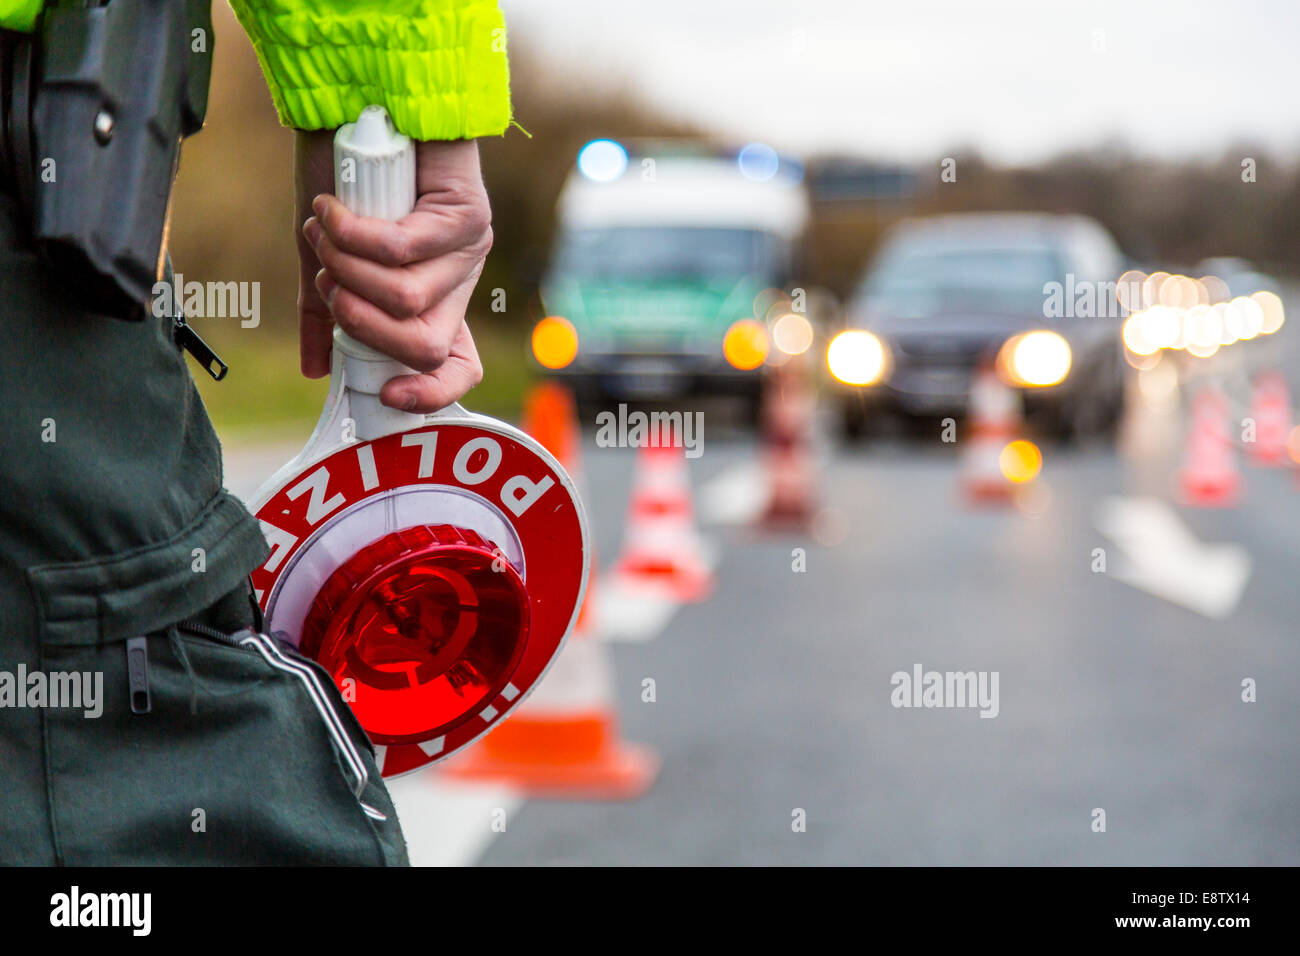 La policía de control de tráfico Imagen De Stock